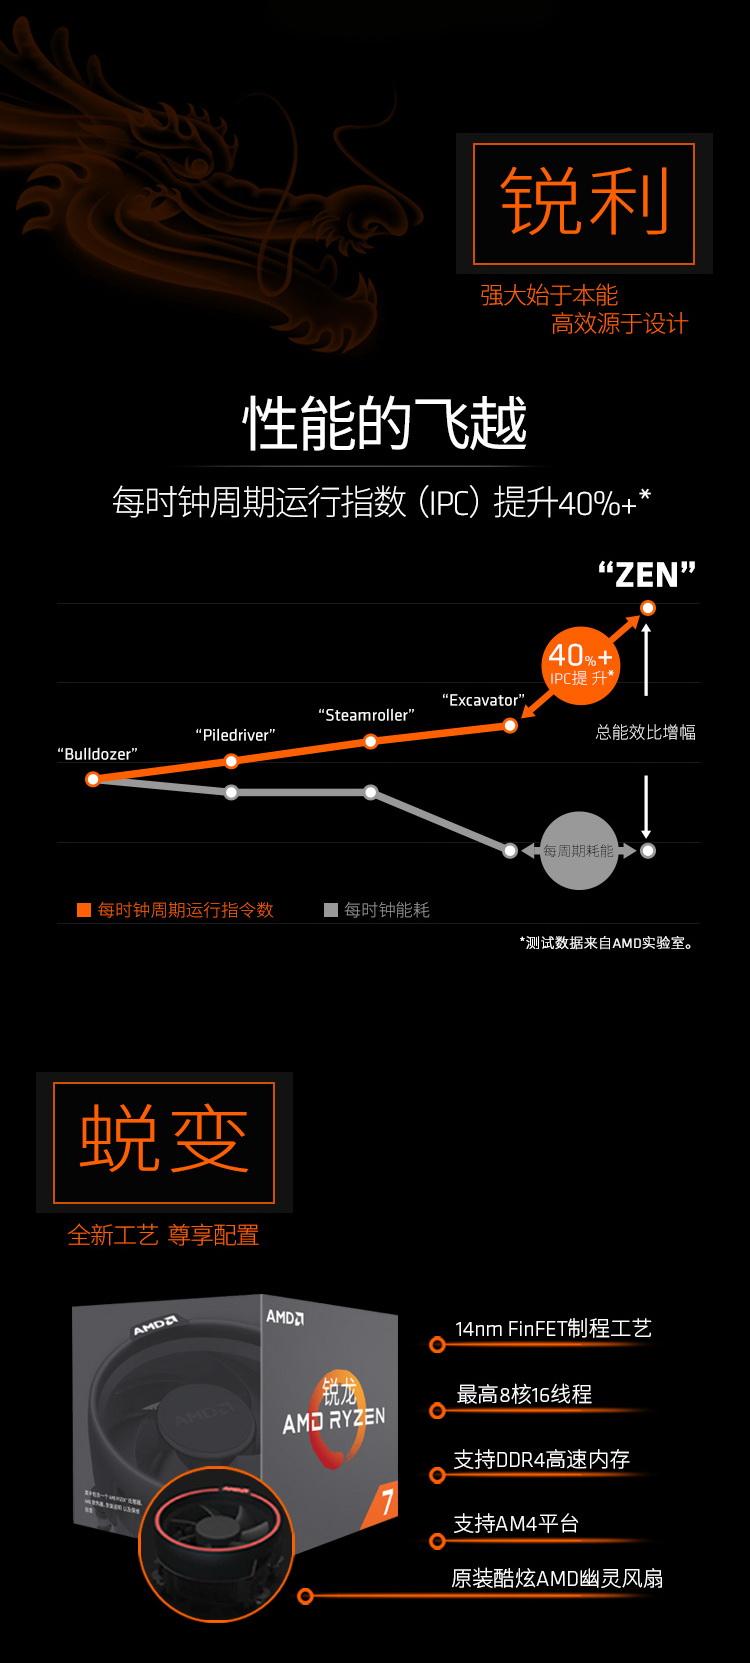 锐龙 AMD Ryzen 7 1700 处理器8核 AM4接口